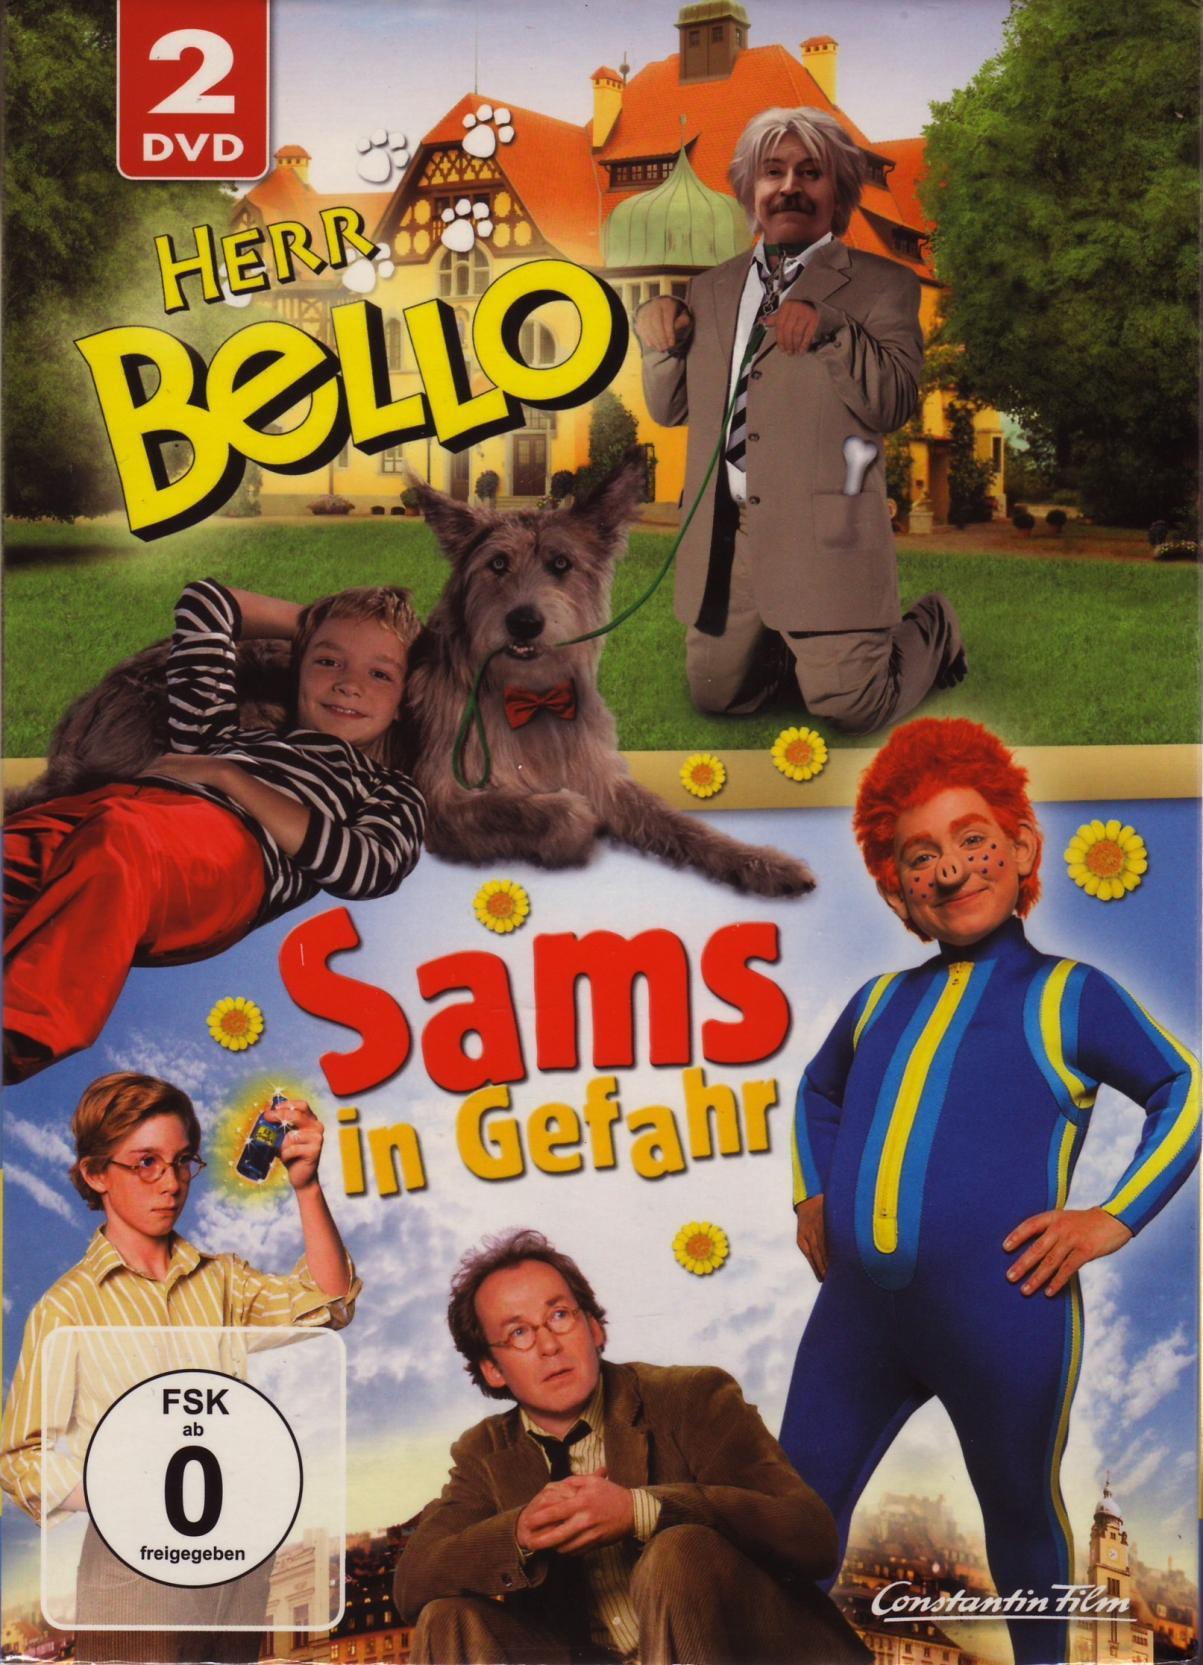 Herr Bello & Sams in Gefahr (DVD)